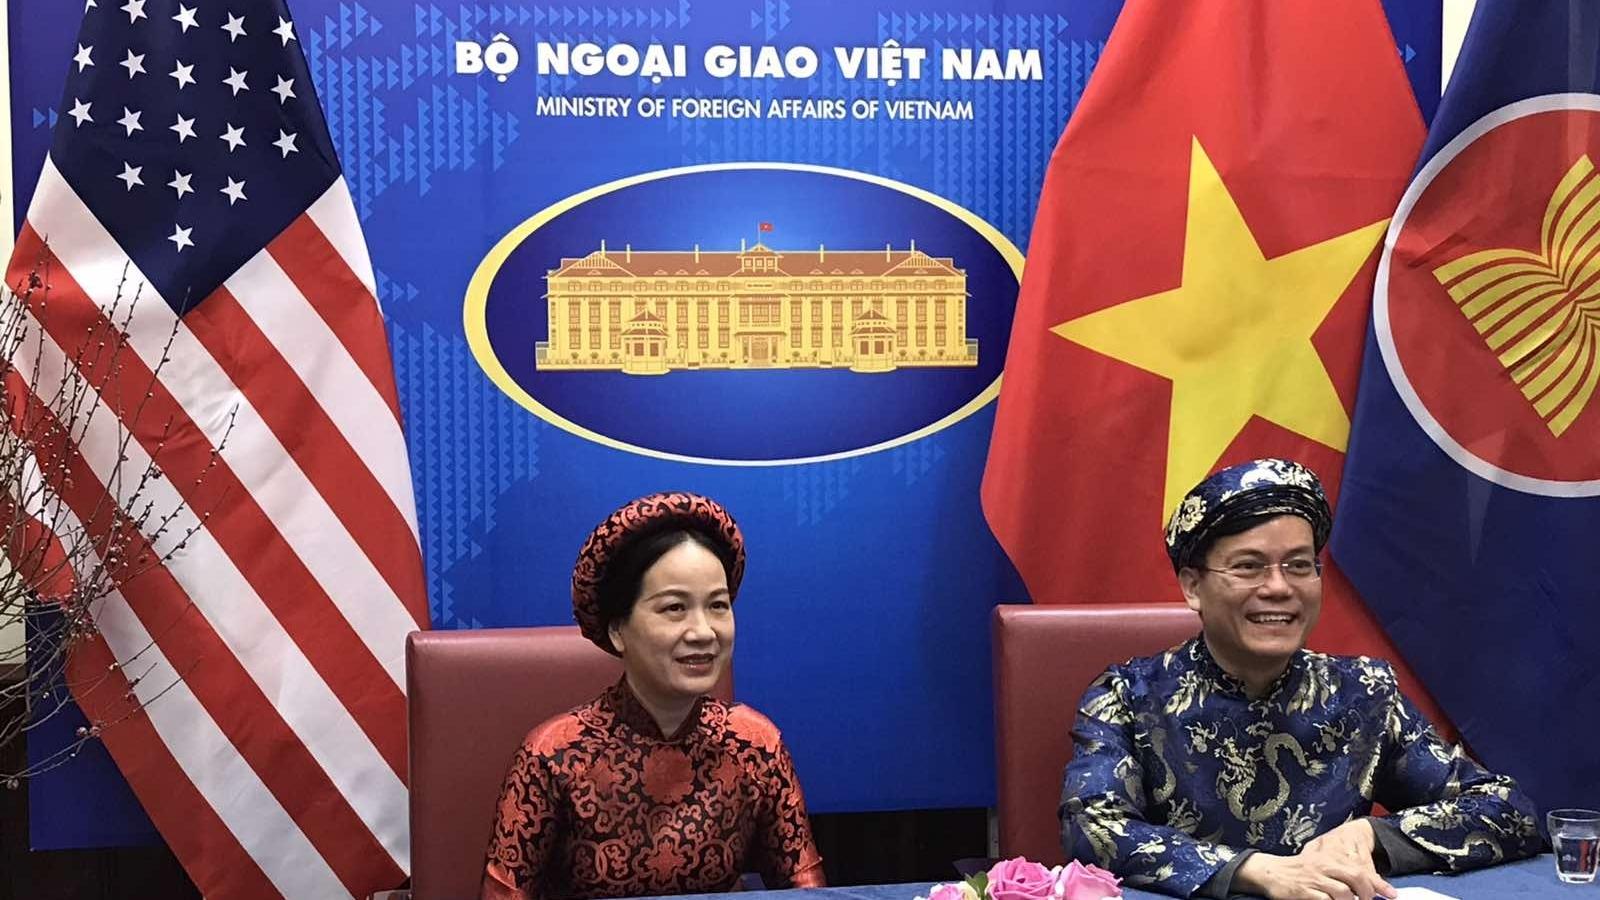 Cộng đồng người Việt cùng bạn bè Mỹ và quốc tế vui đón xuân TânSửu 2021